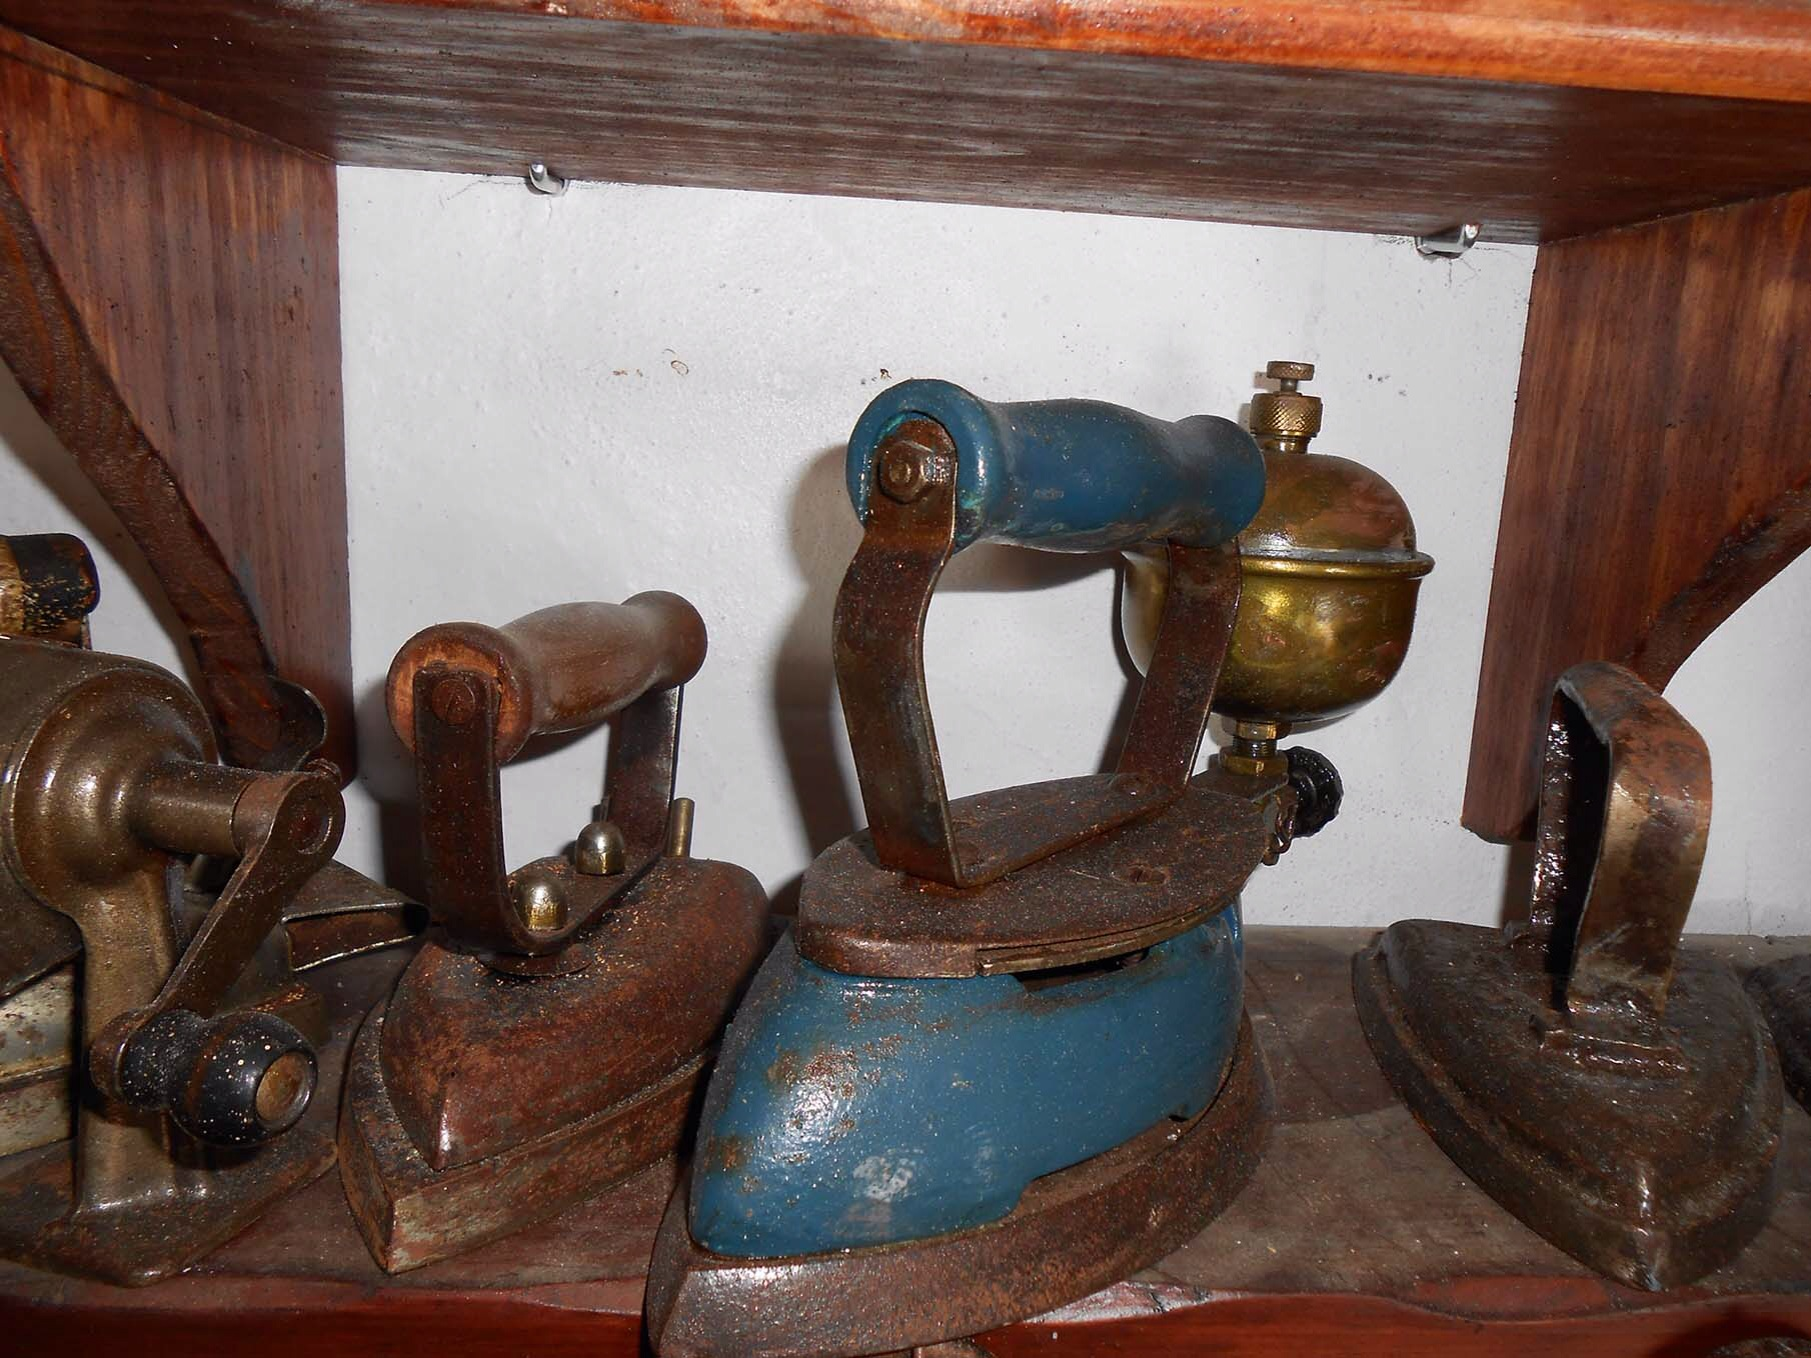 antigüedad, canarias, plancha, tenerife, antigüedades